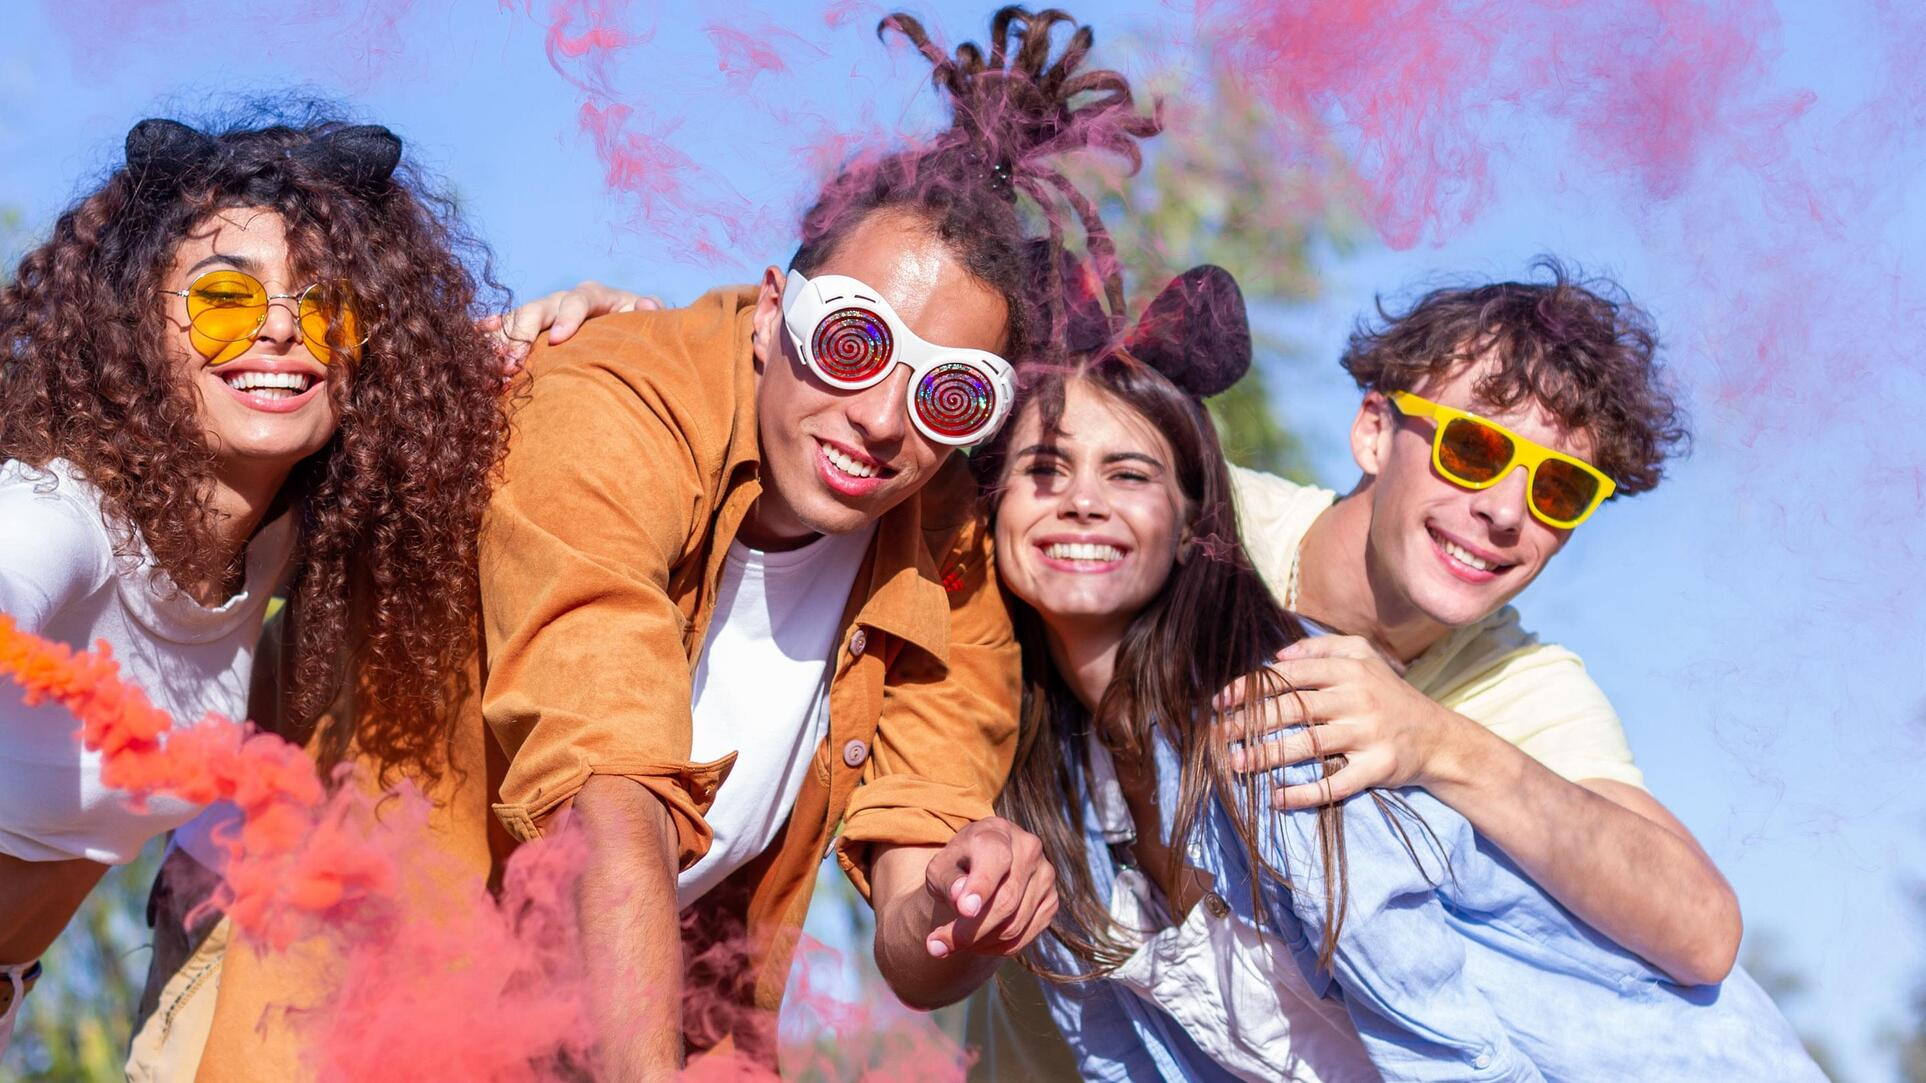 Festival Sunglasses for Men & Women